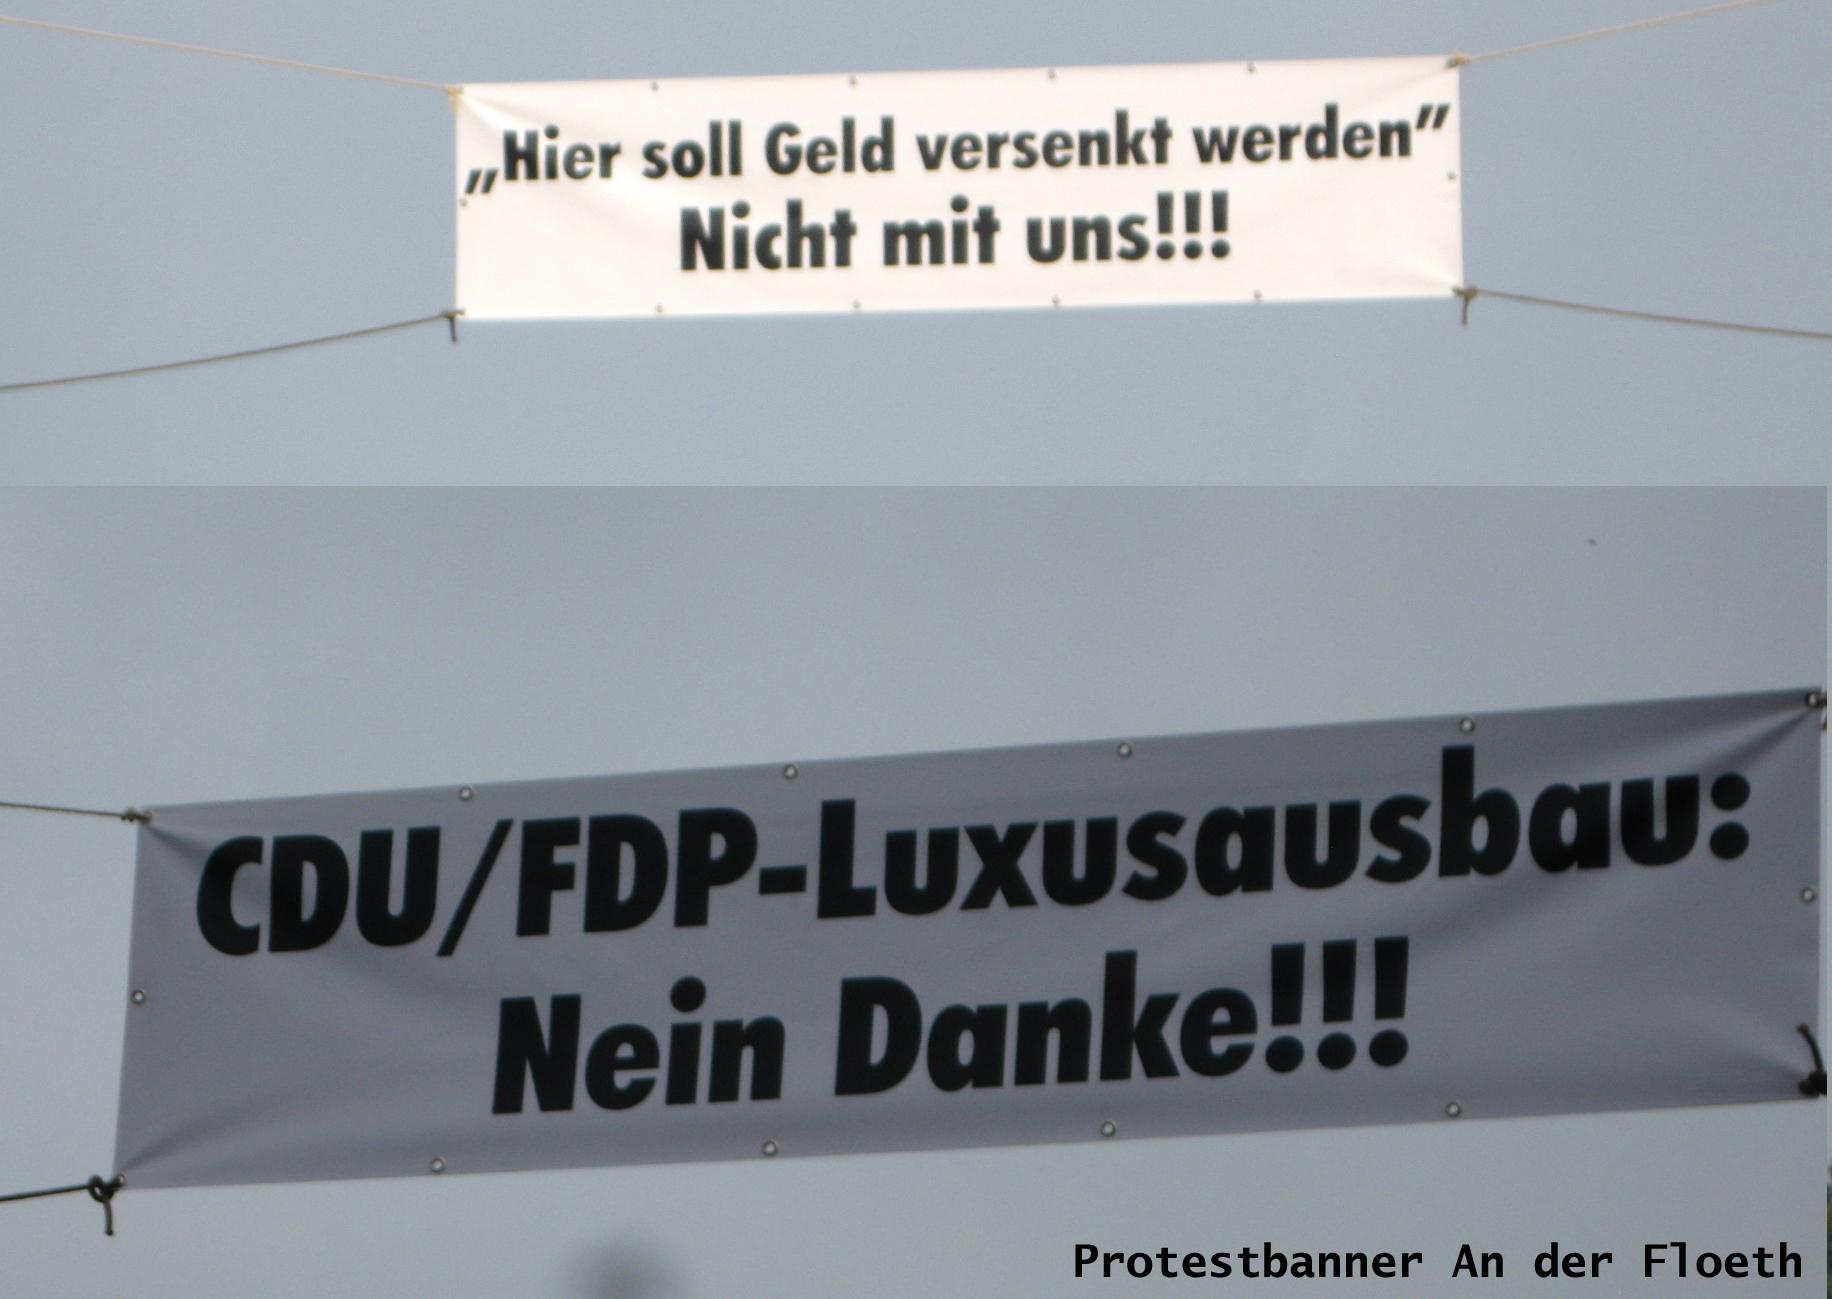 """Anlieger-Initiative für eine kostengünstige Straßenerhaltung """"An der Floeth"""" vergibt """"Rote Karte"""" an CDU und FDP"""